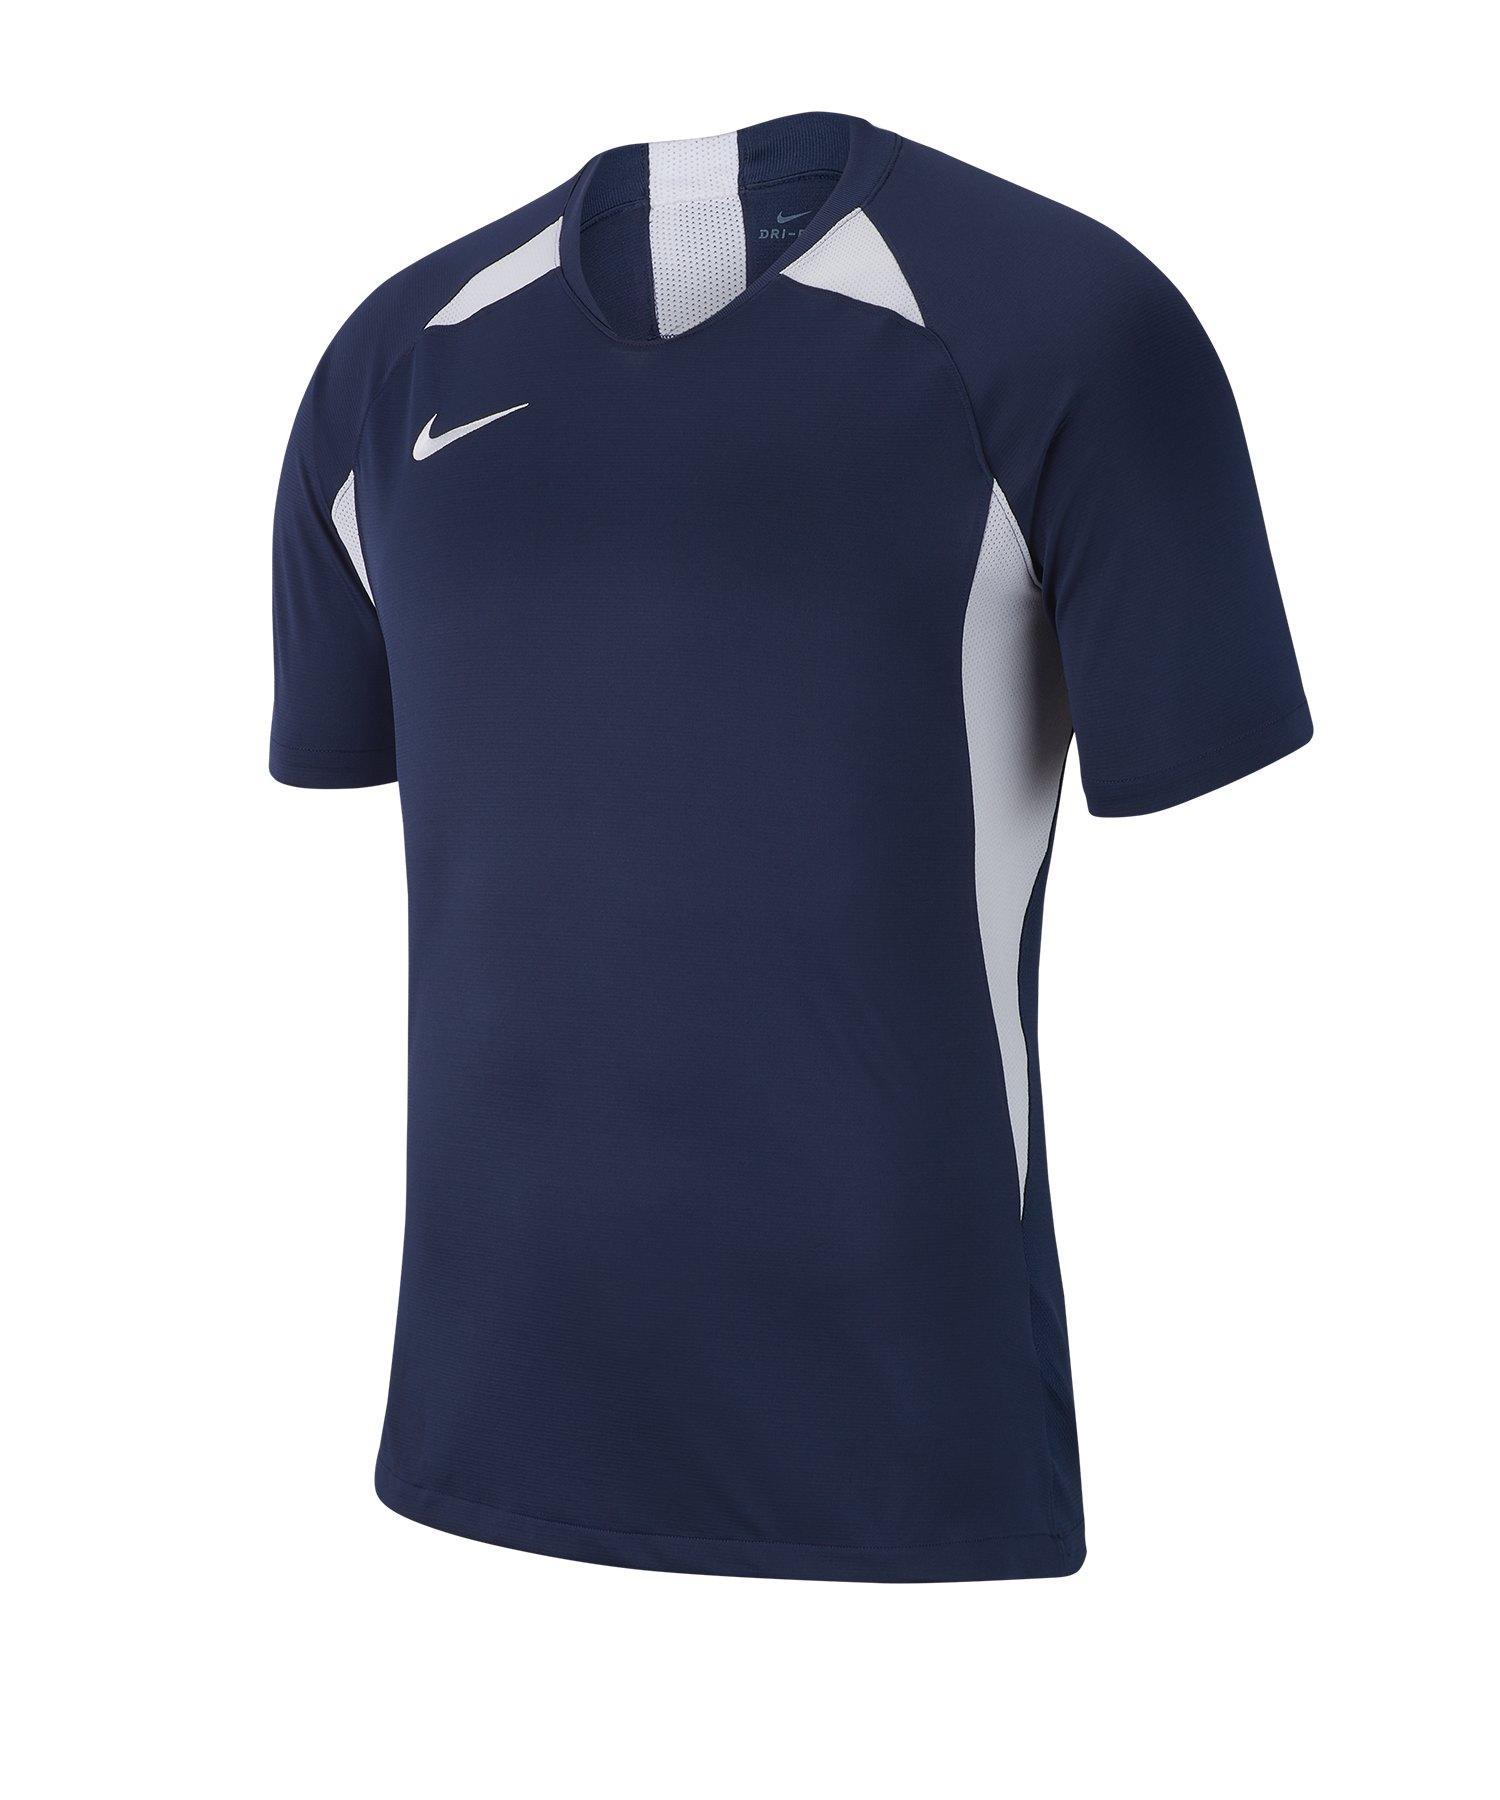 Nike Legend Trikot kurzarm Kids Blau Weiss F410 - blau